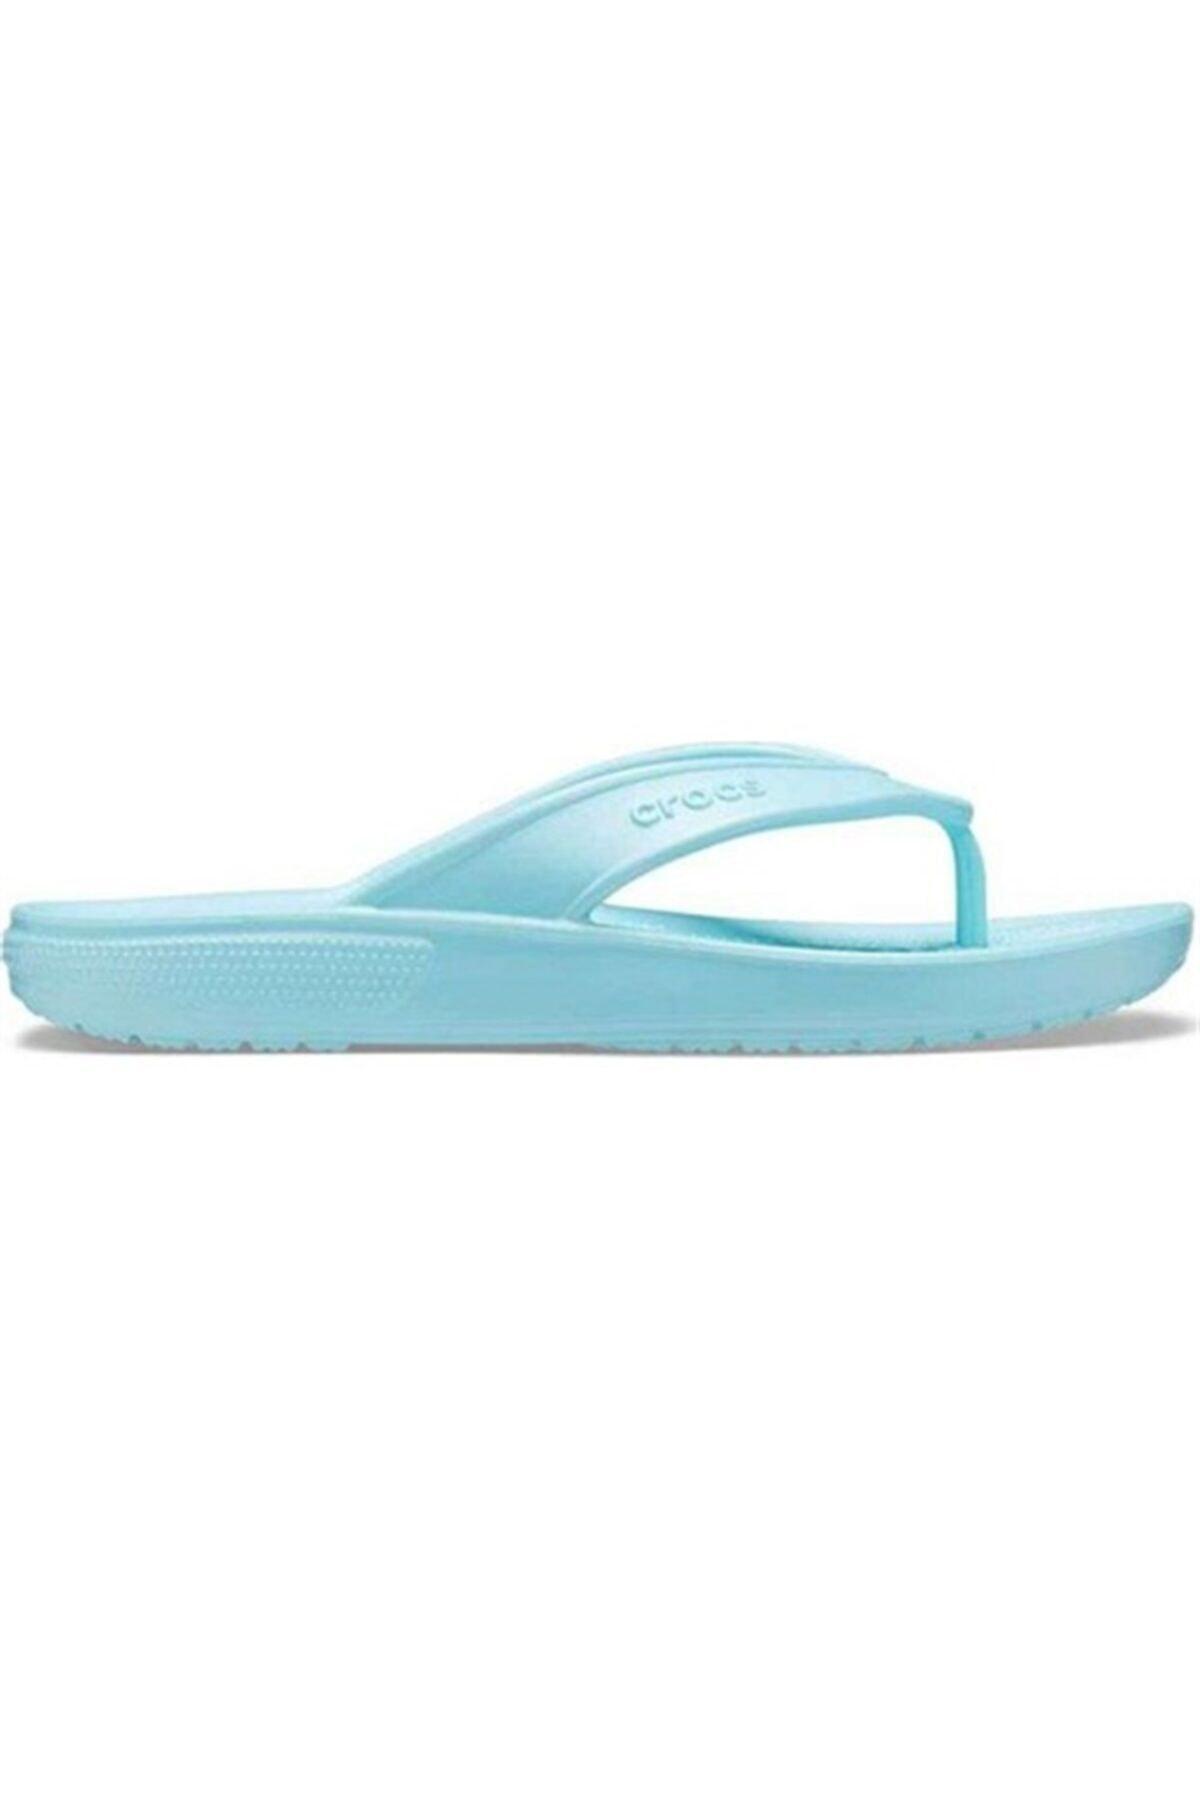 Crocs Classic Iı Flip Kadın Terlik 206119-4o9 Mavi 1